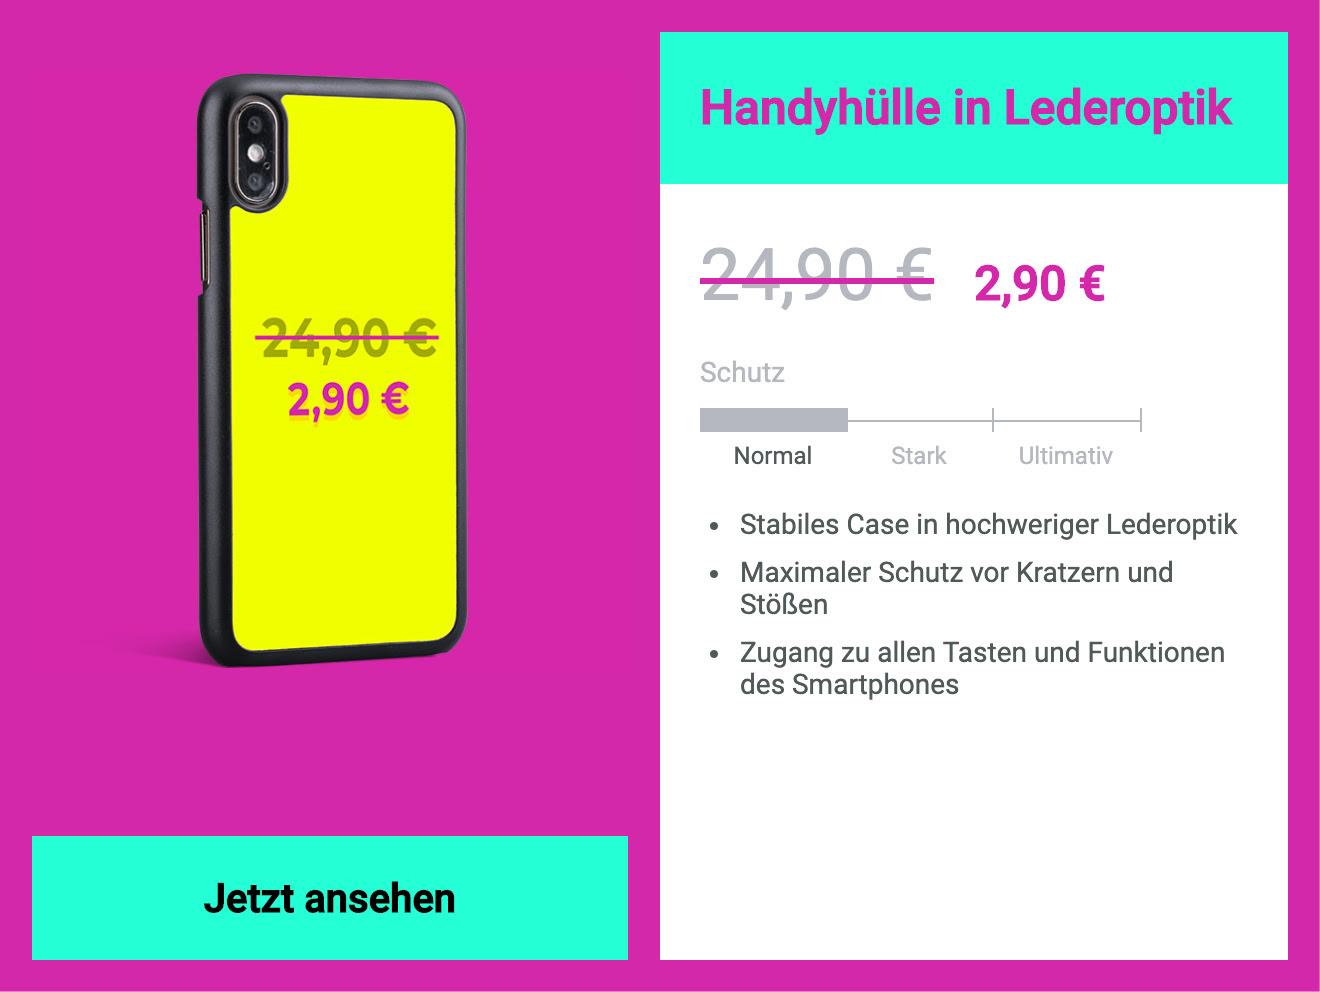 Handyhülle für 2,90 € (+2,90 € Versand)